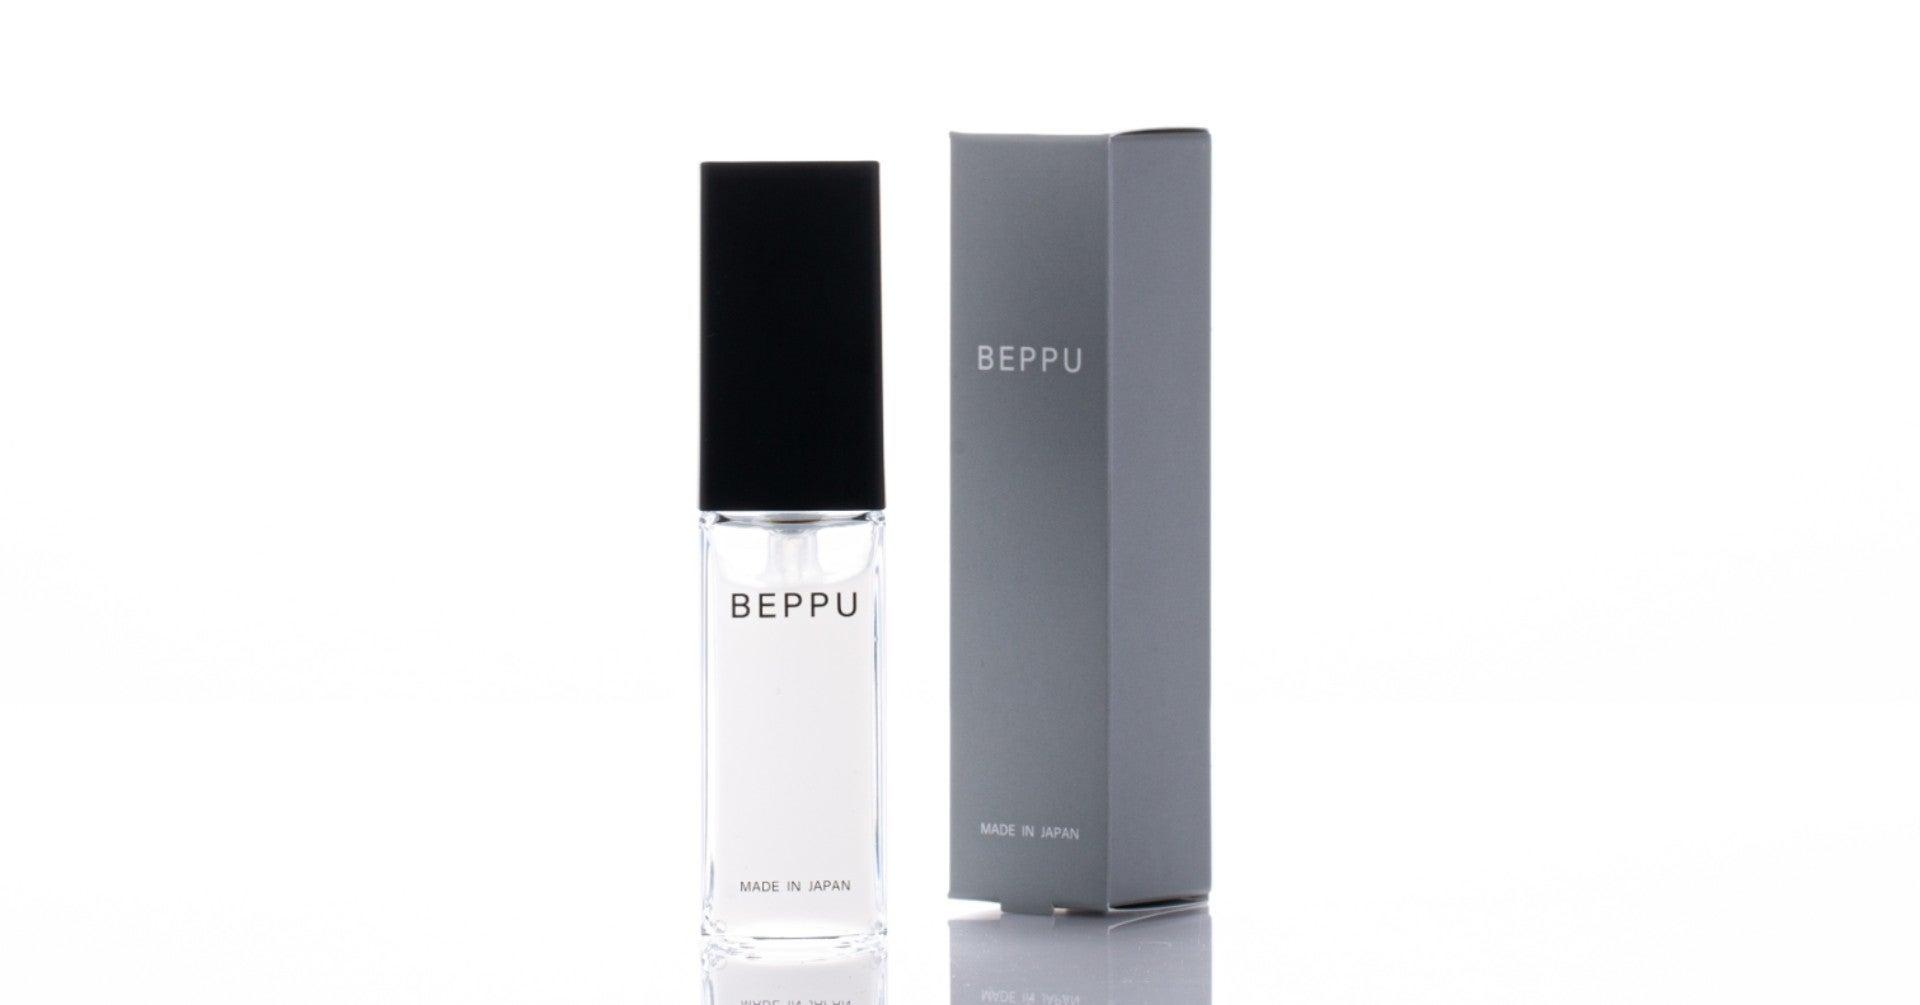 美容液「BEPPU」のコンセプトページ #仕事実績紹介